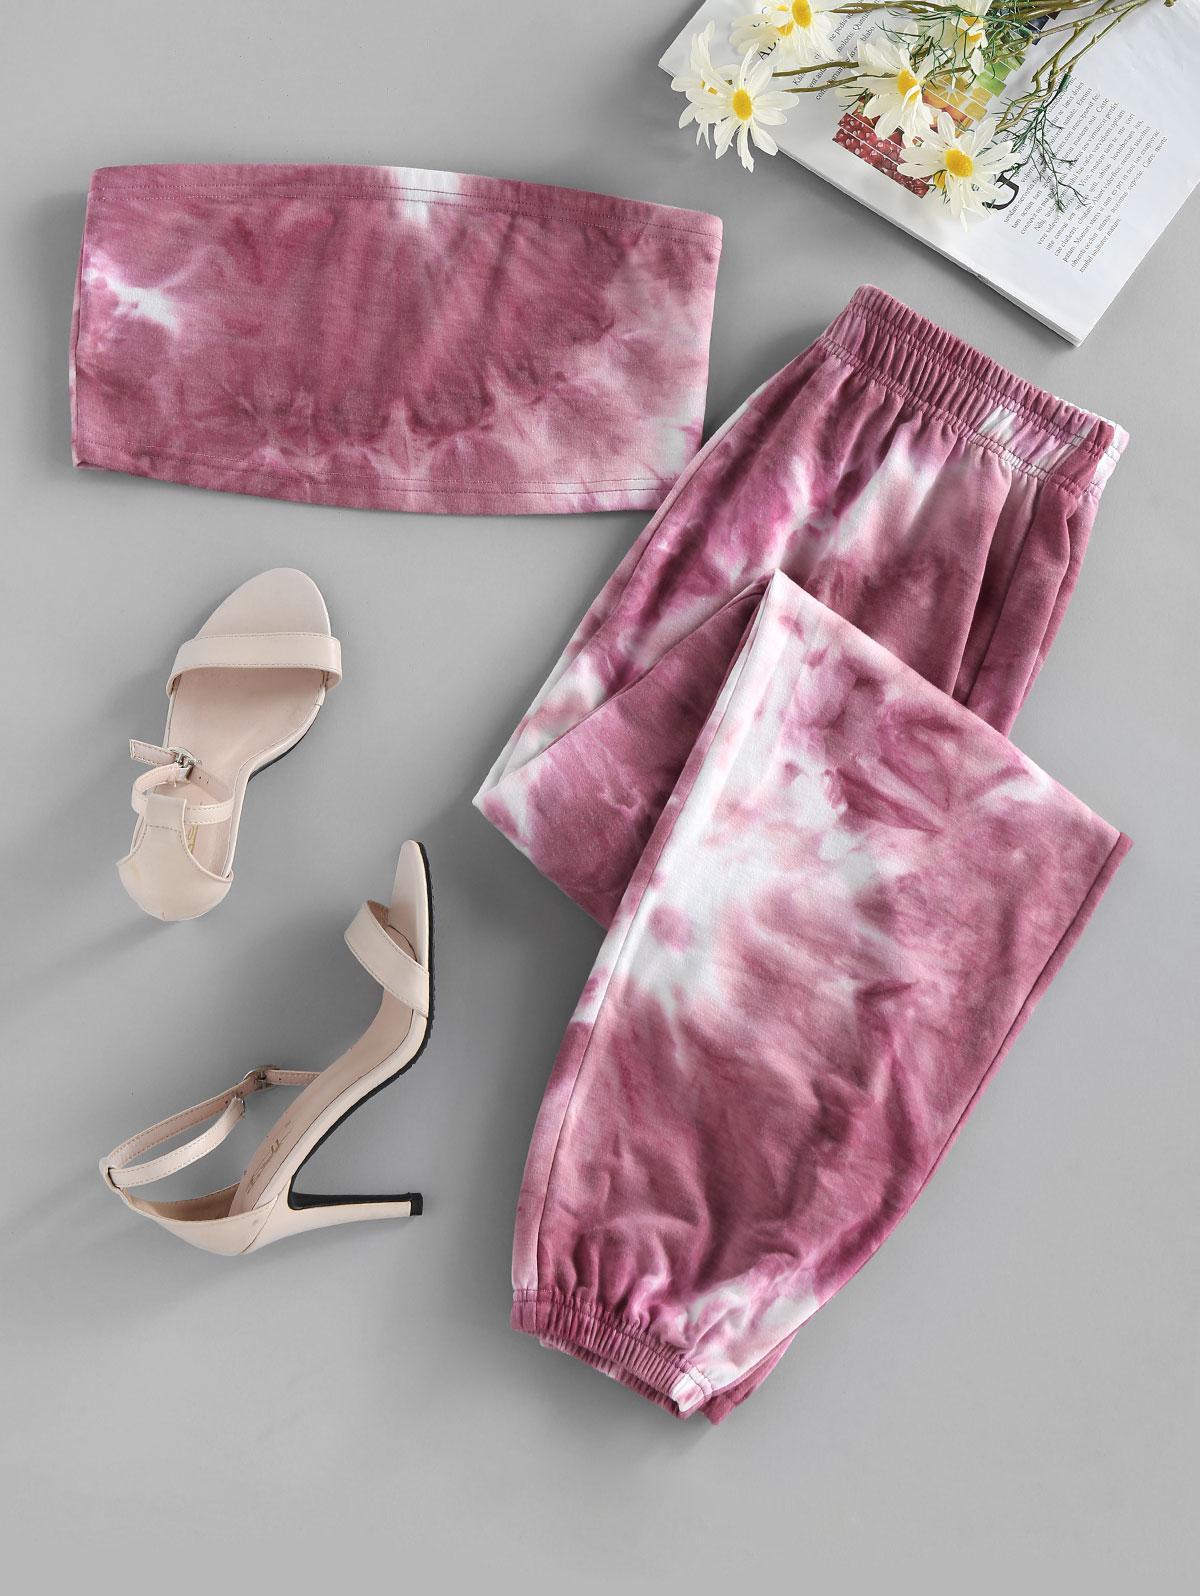 ZAFUL Tie Dye Strapless Jogger Pants Set